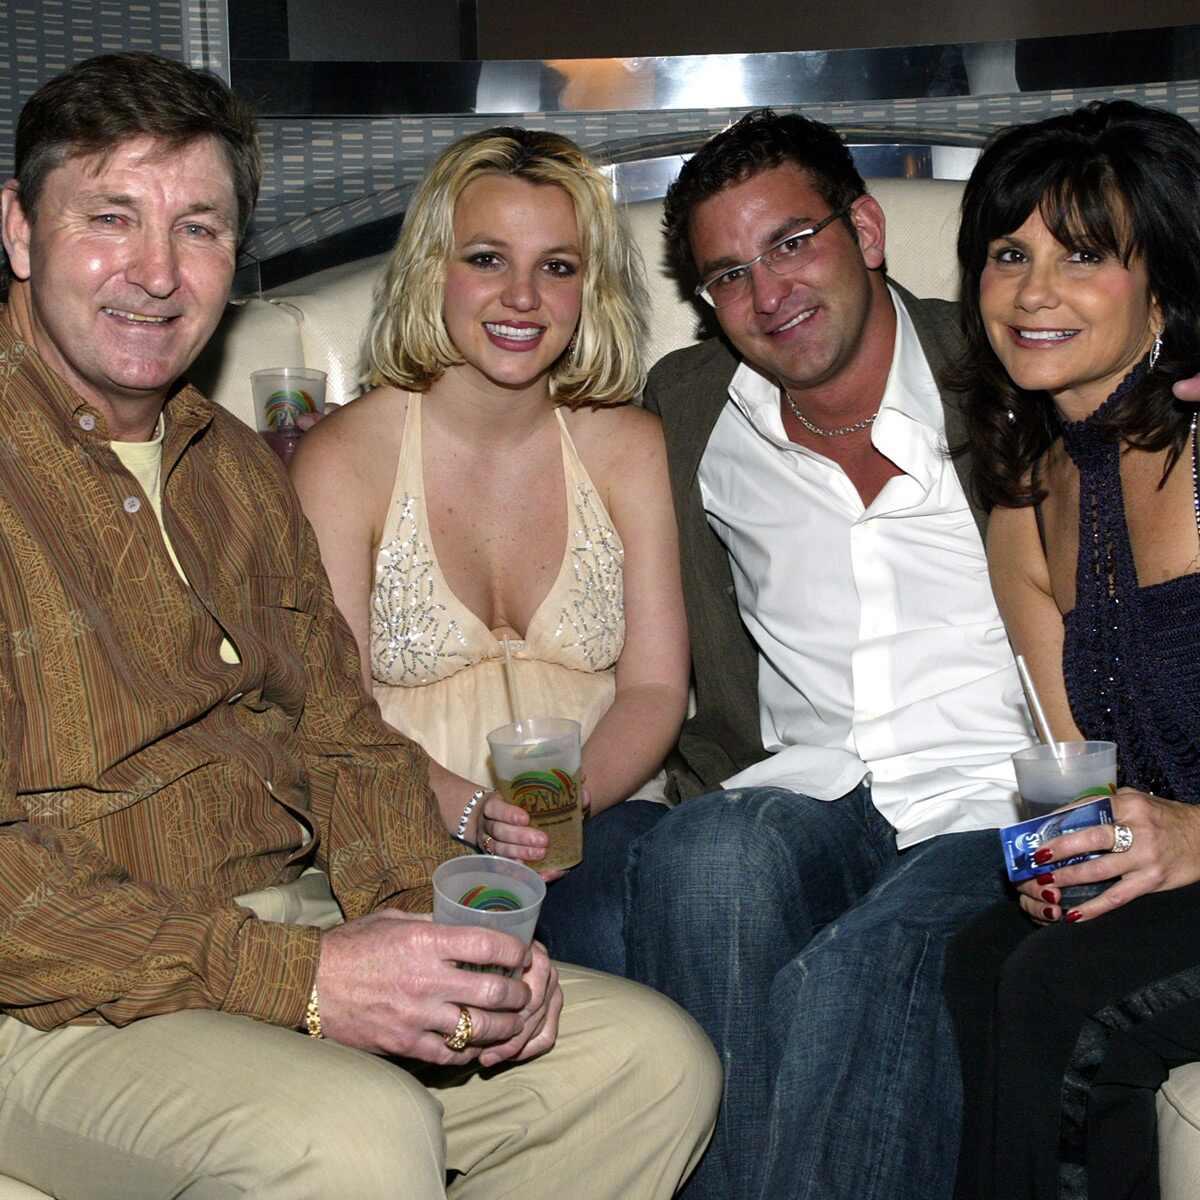 Jamie Spears, Bryan Spears, Britney Spears, Lynne Spears